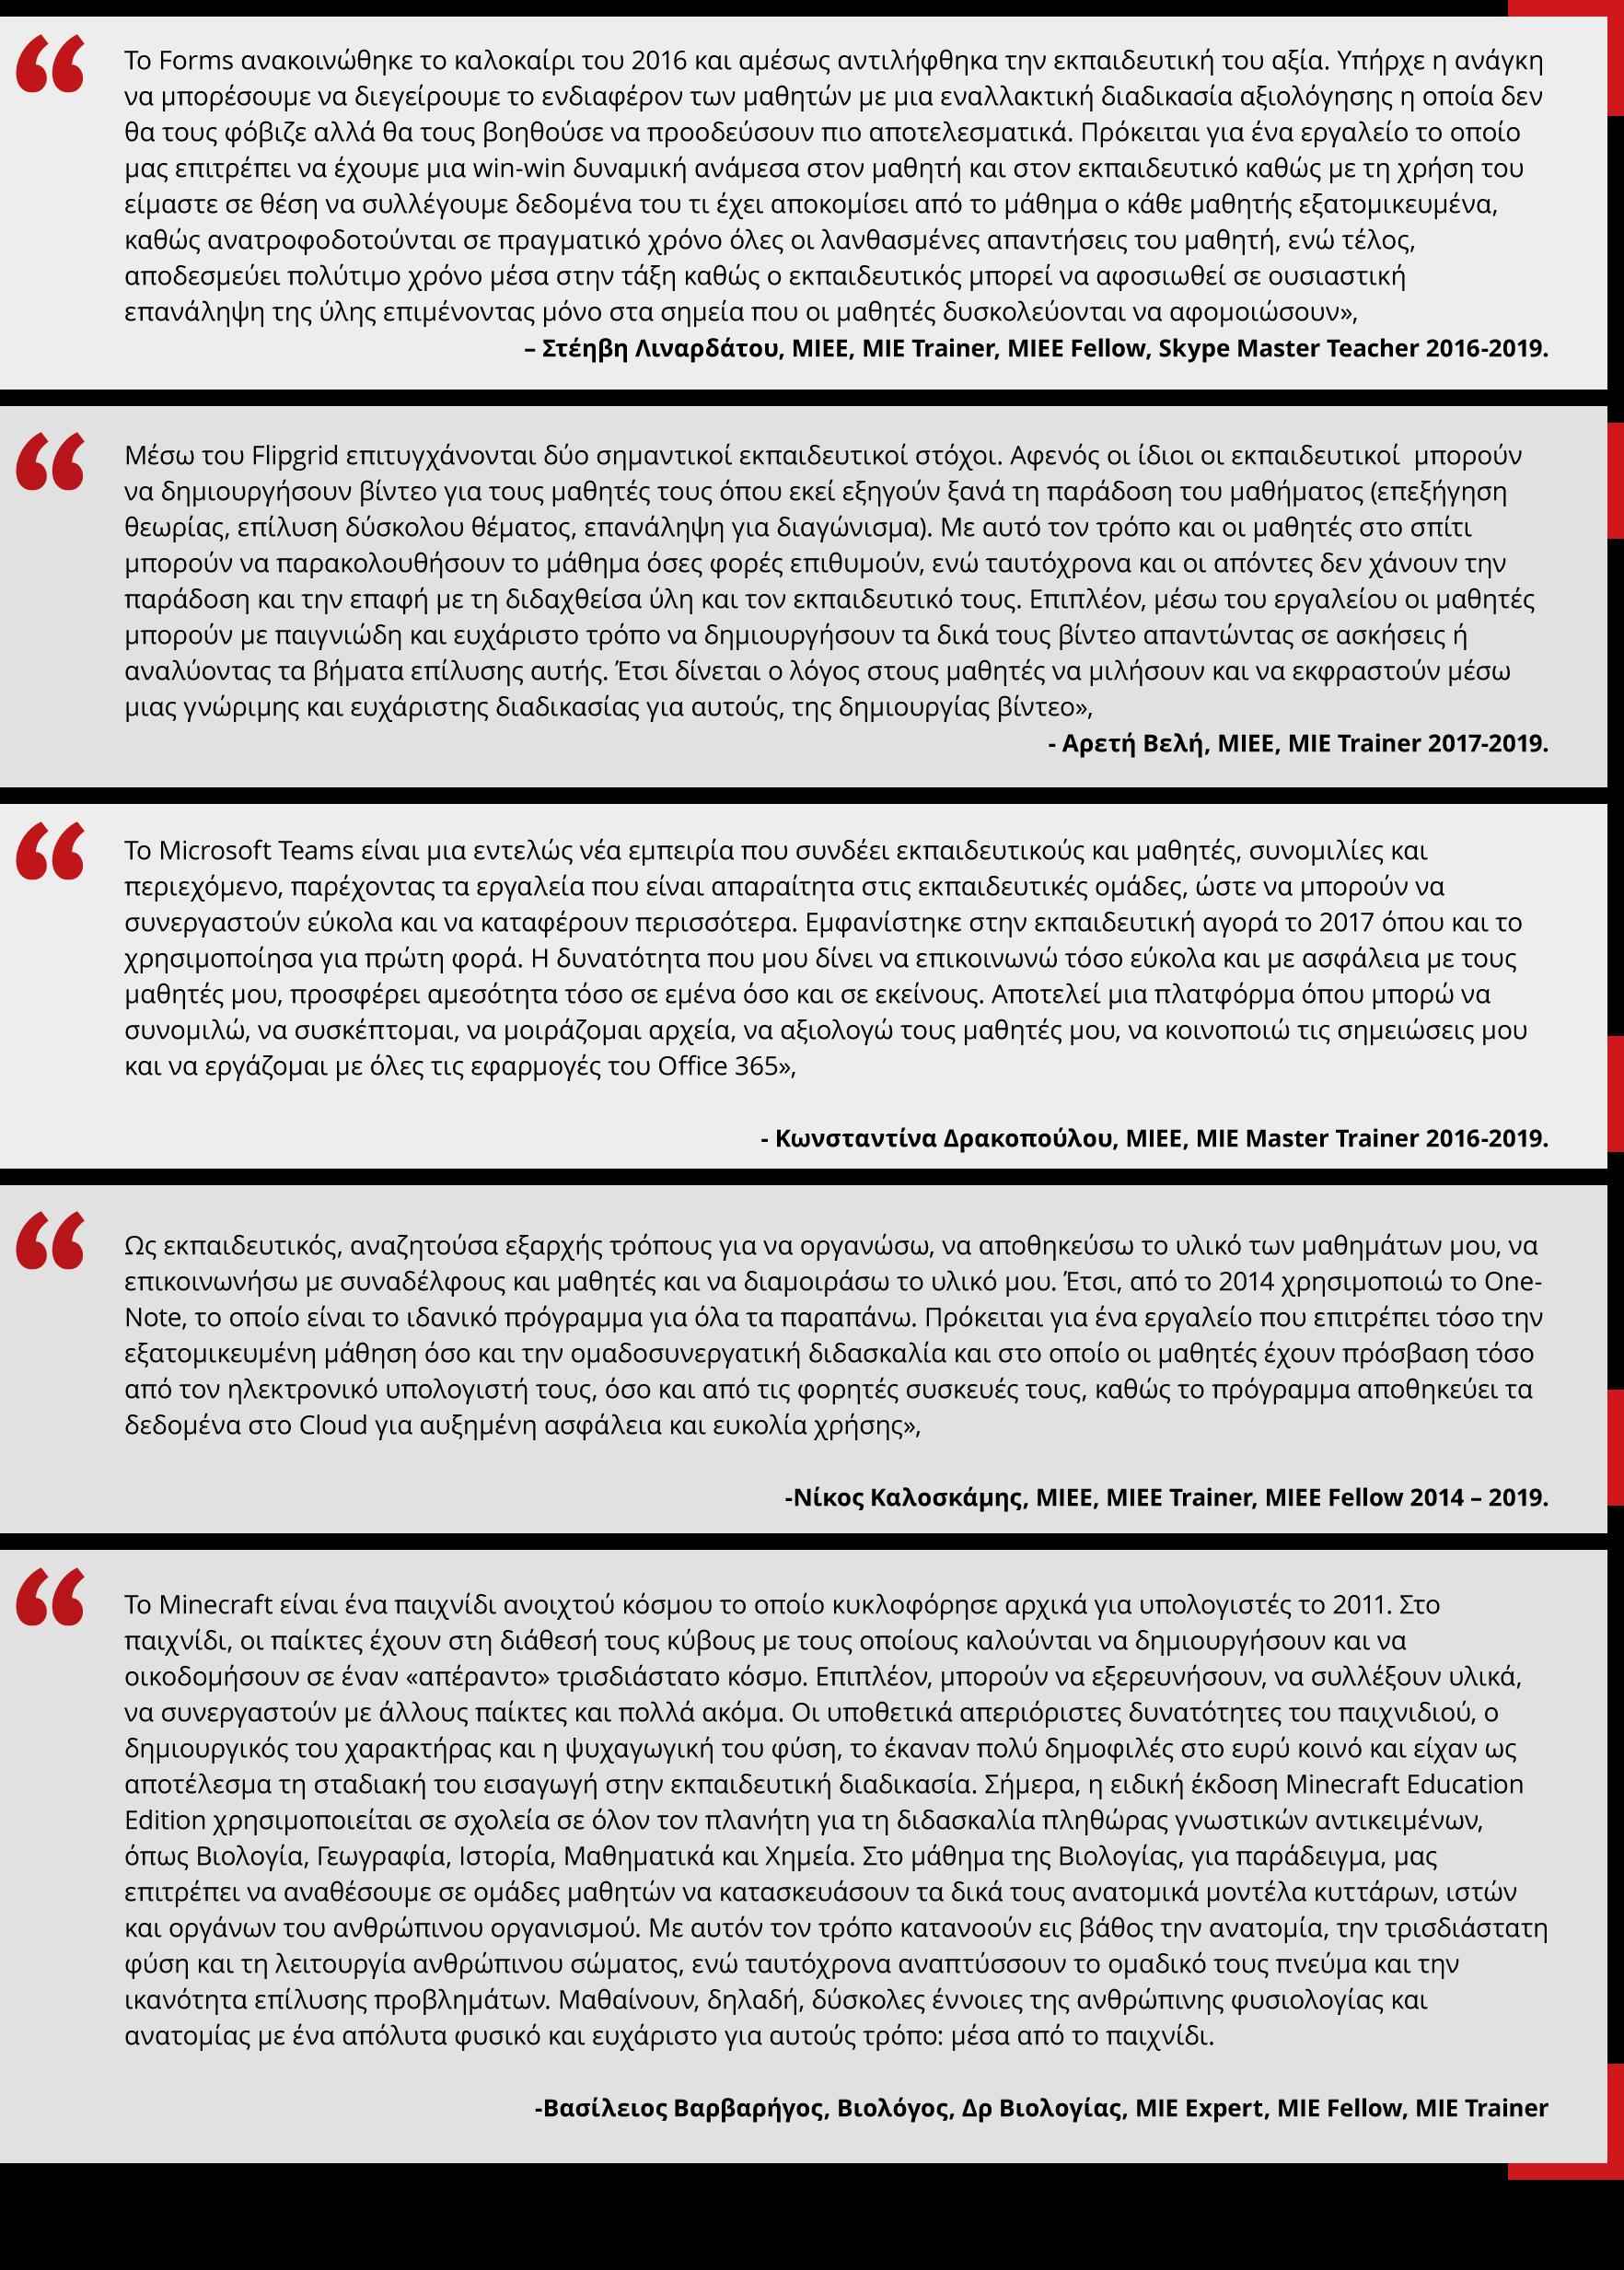 microsoft-quotes-new